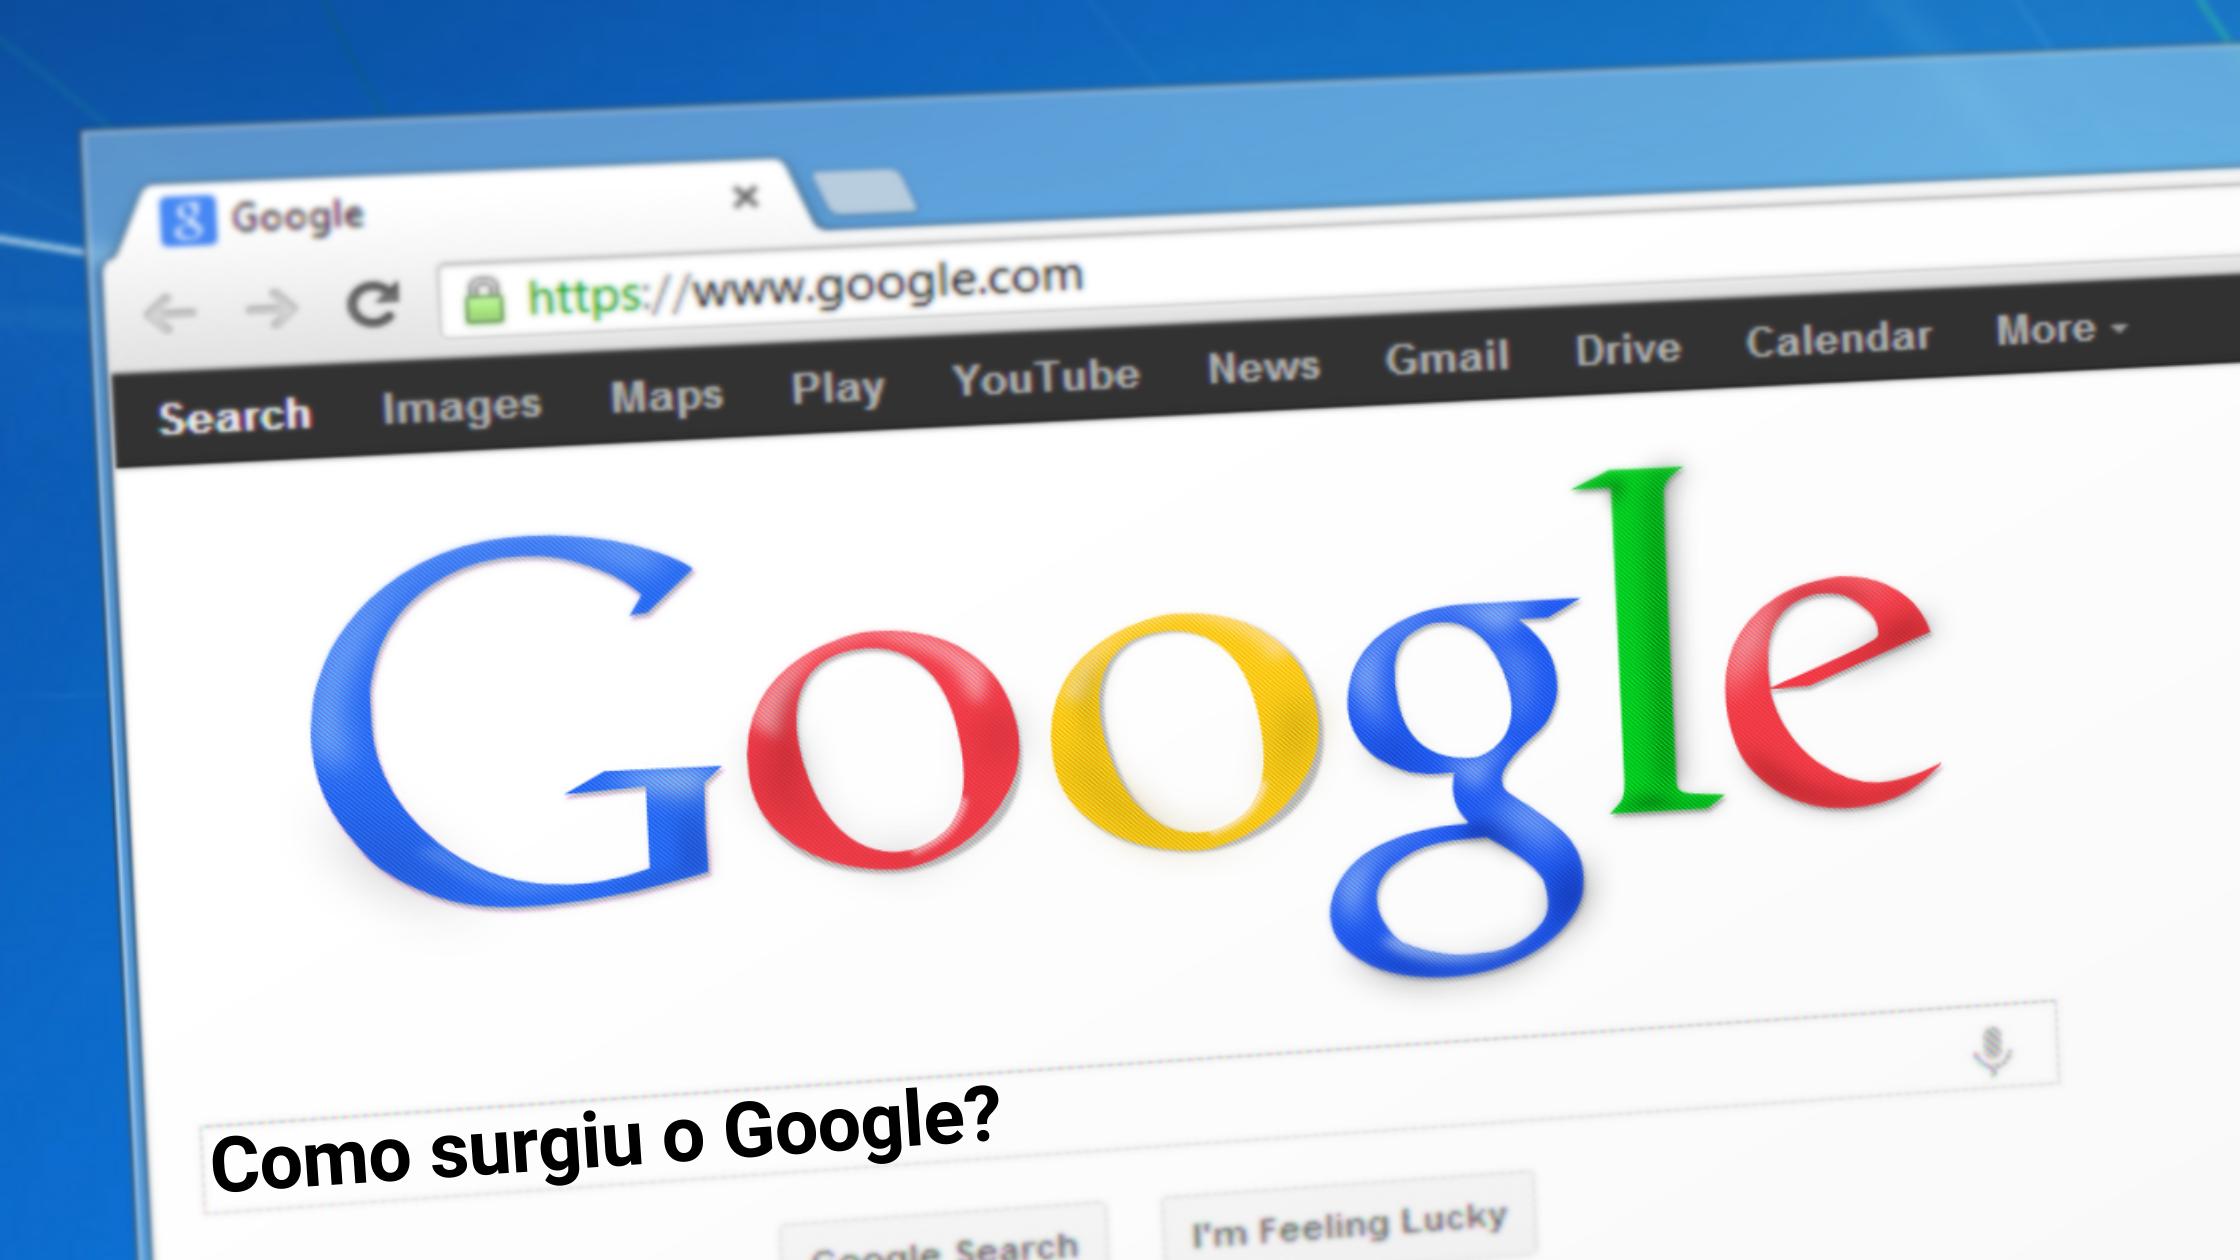 Como surgiu o Google?